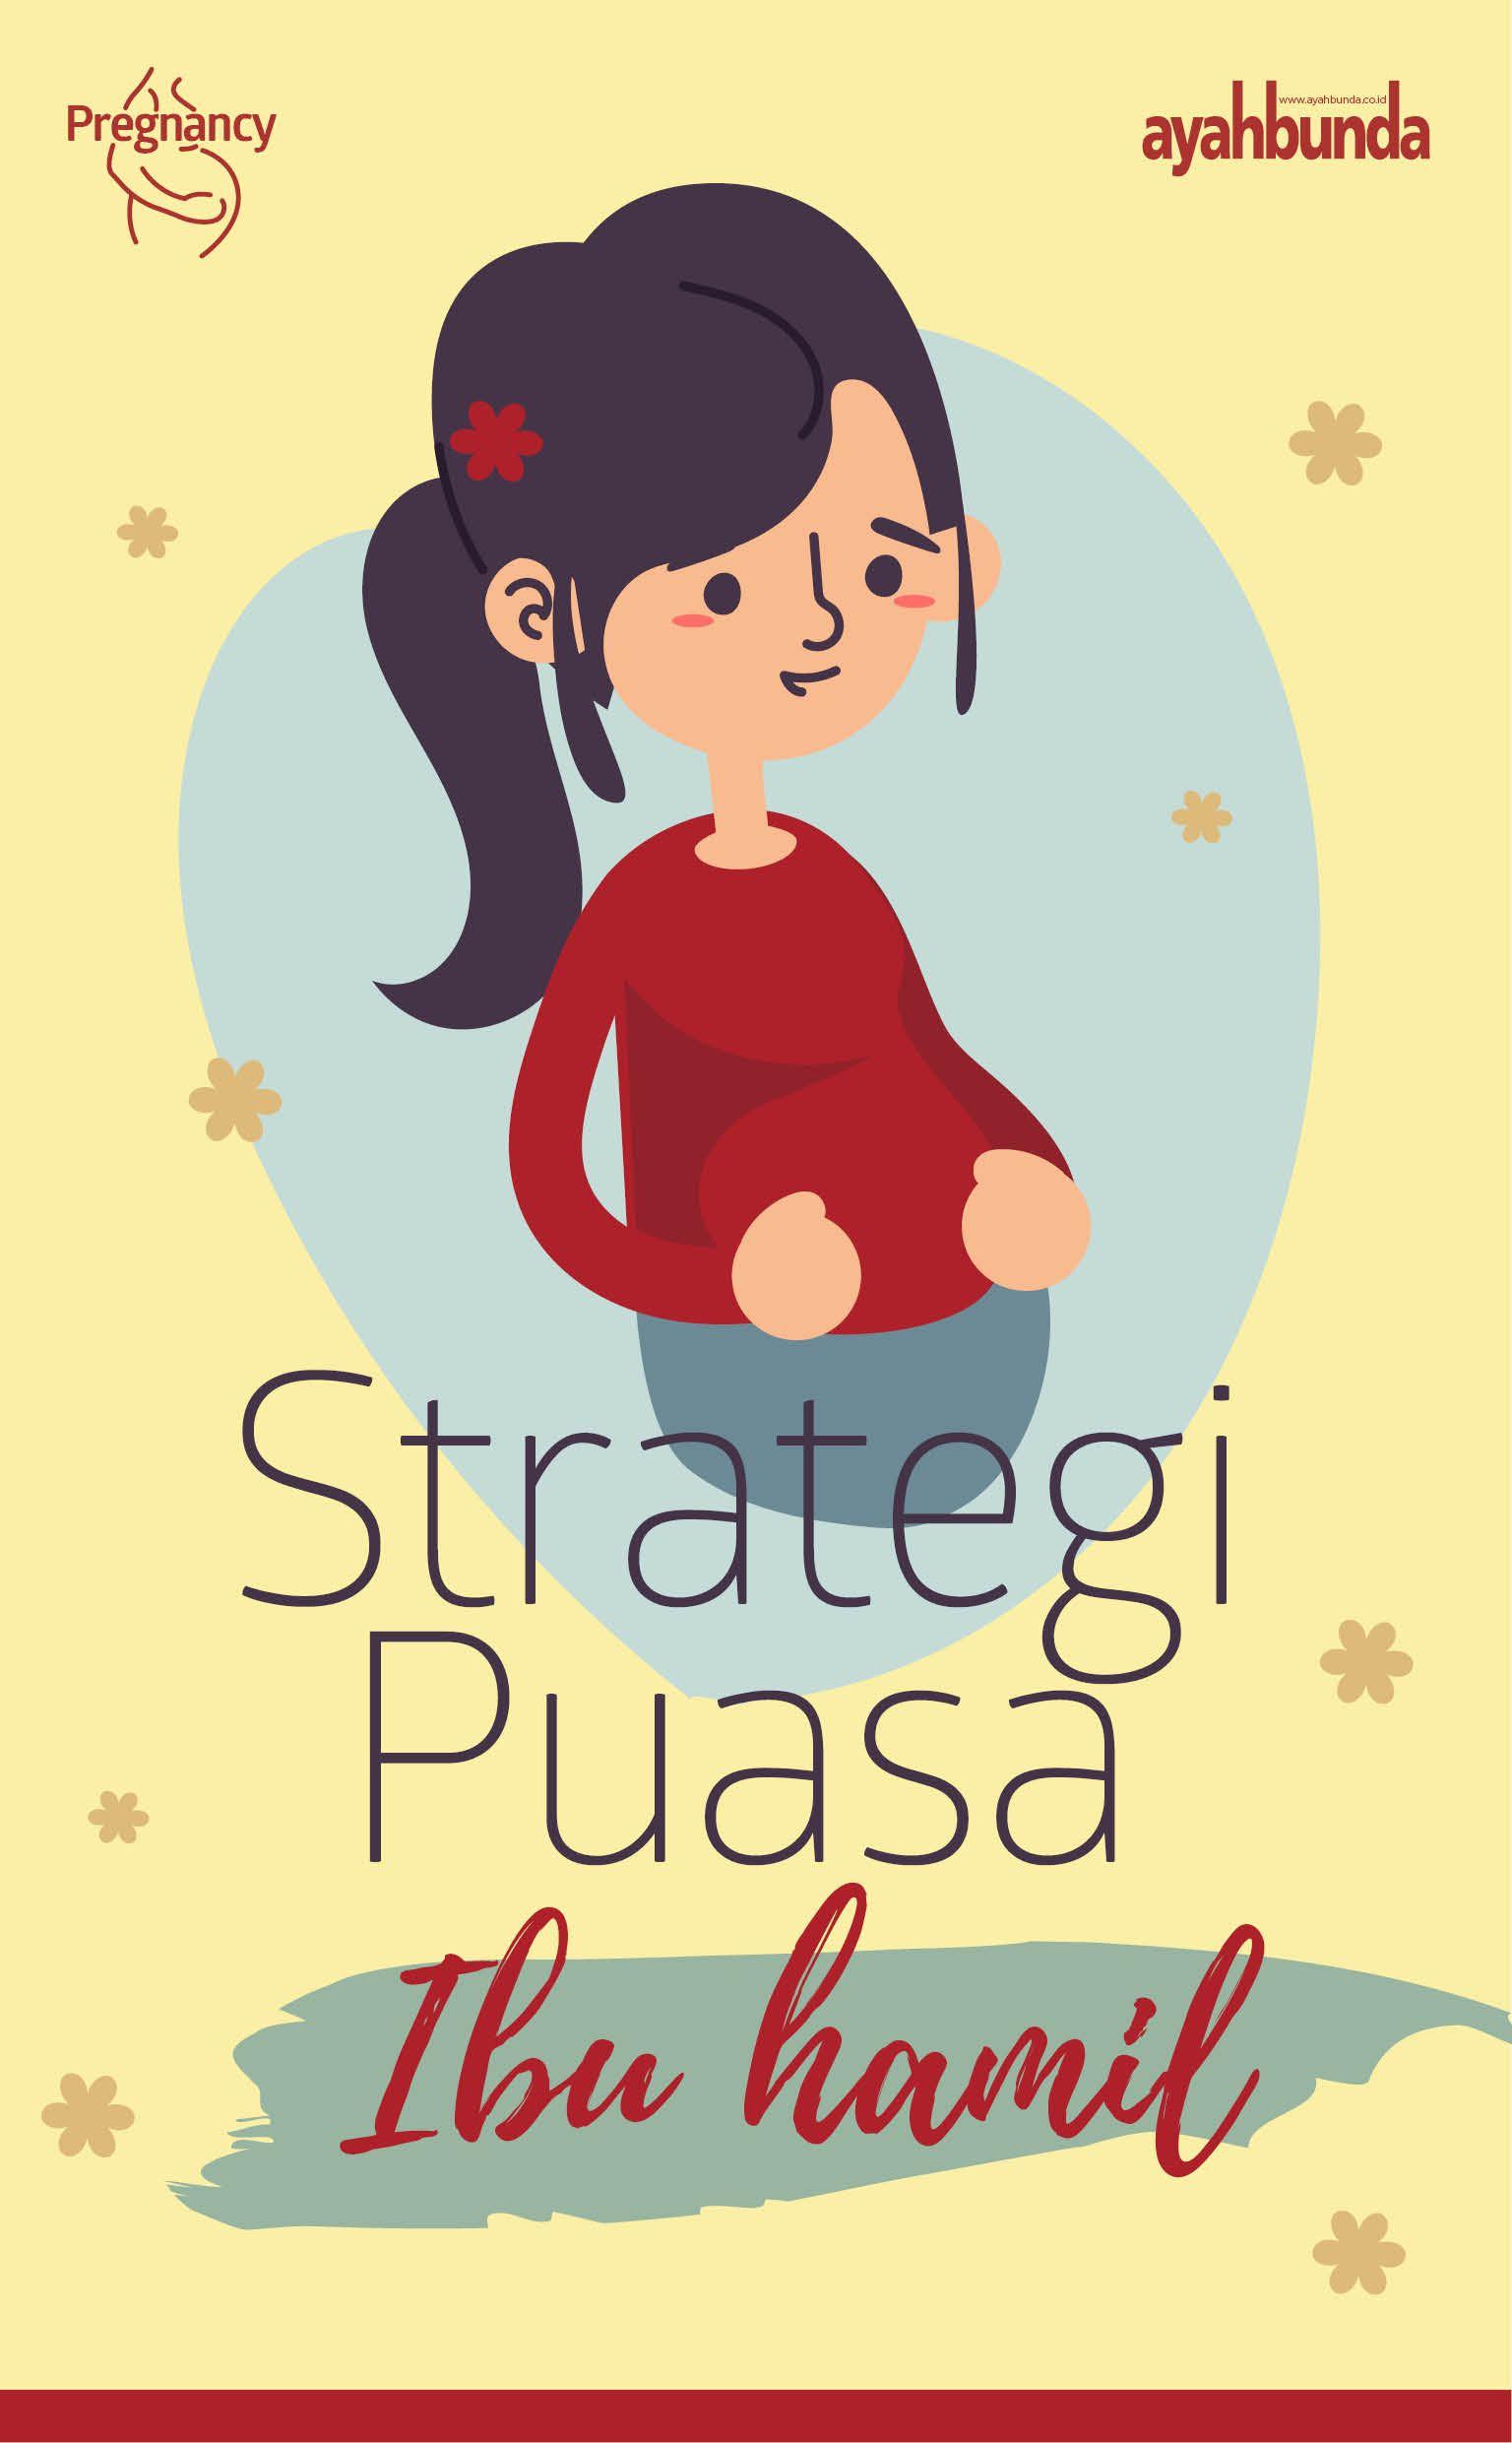 Perlu strategi berpuasa bagi ibu hamil di trimester 1, 2